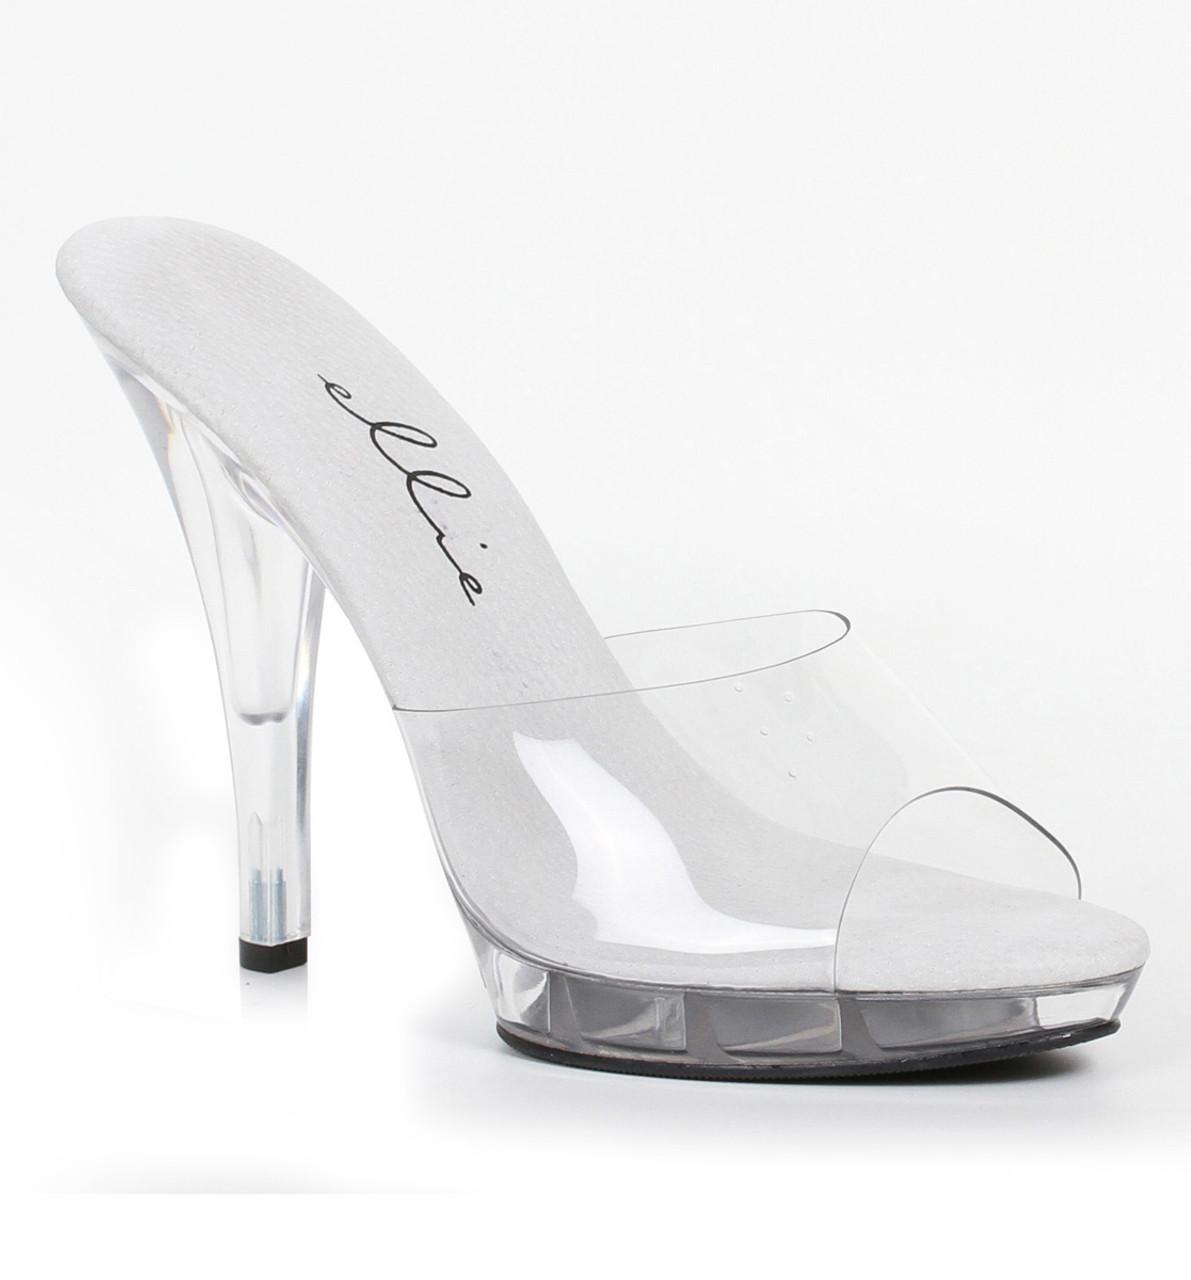 521-Vanity-W, 5 Inch Clear Wide Width Slide